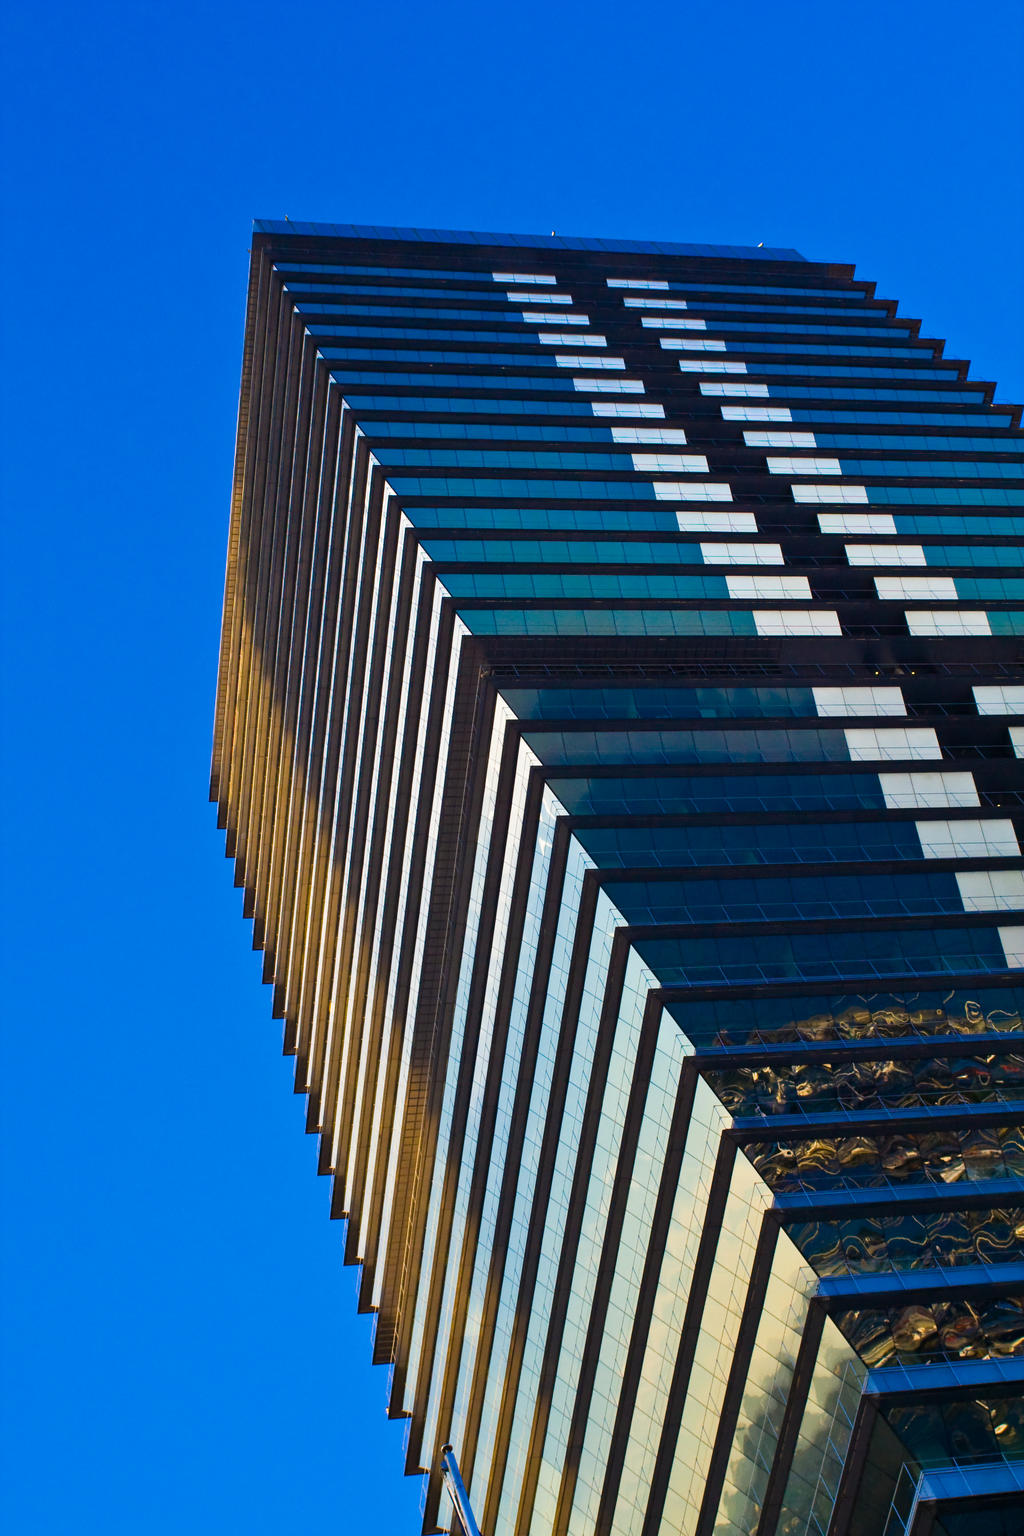 Torre Mapfre by PeterZen